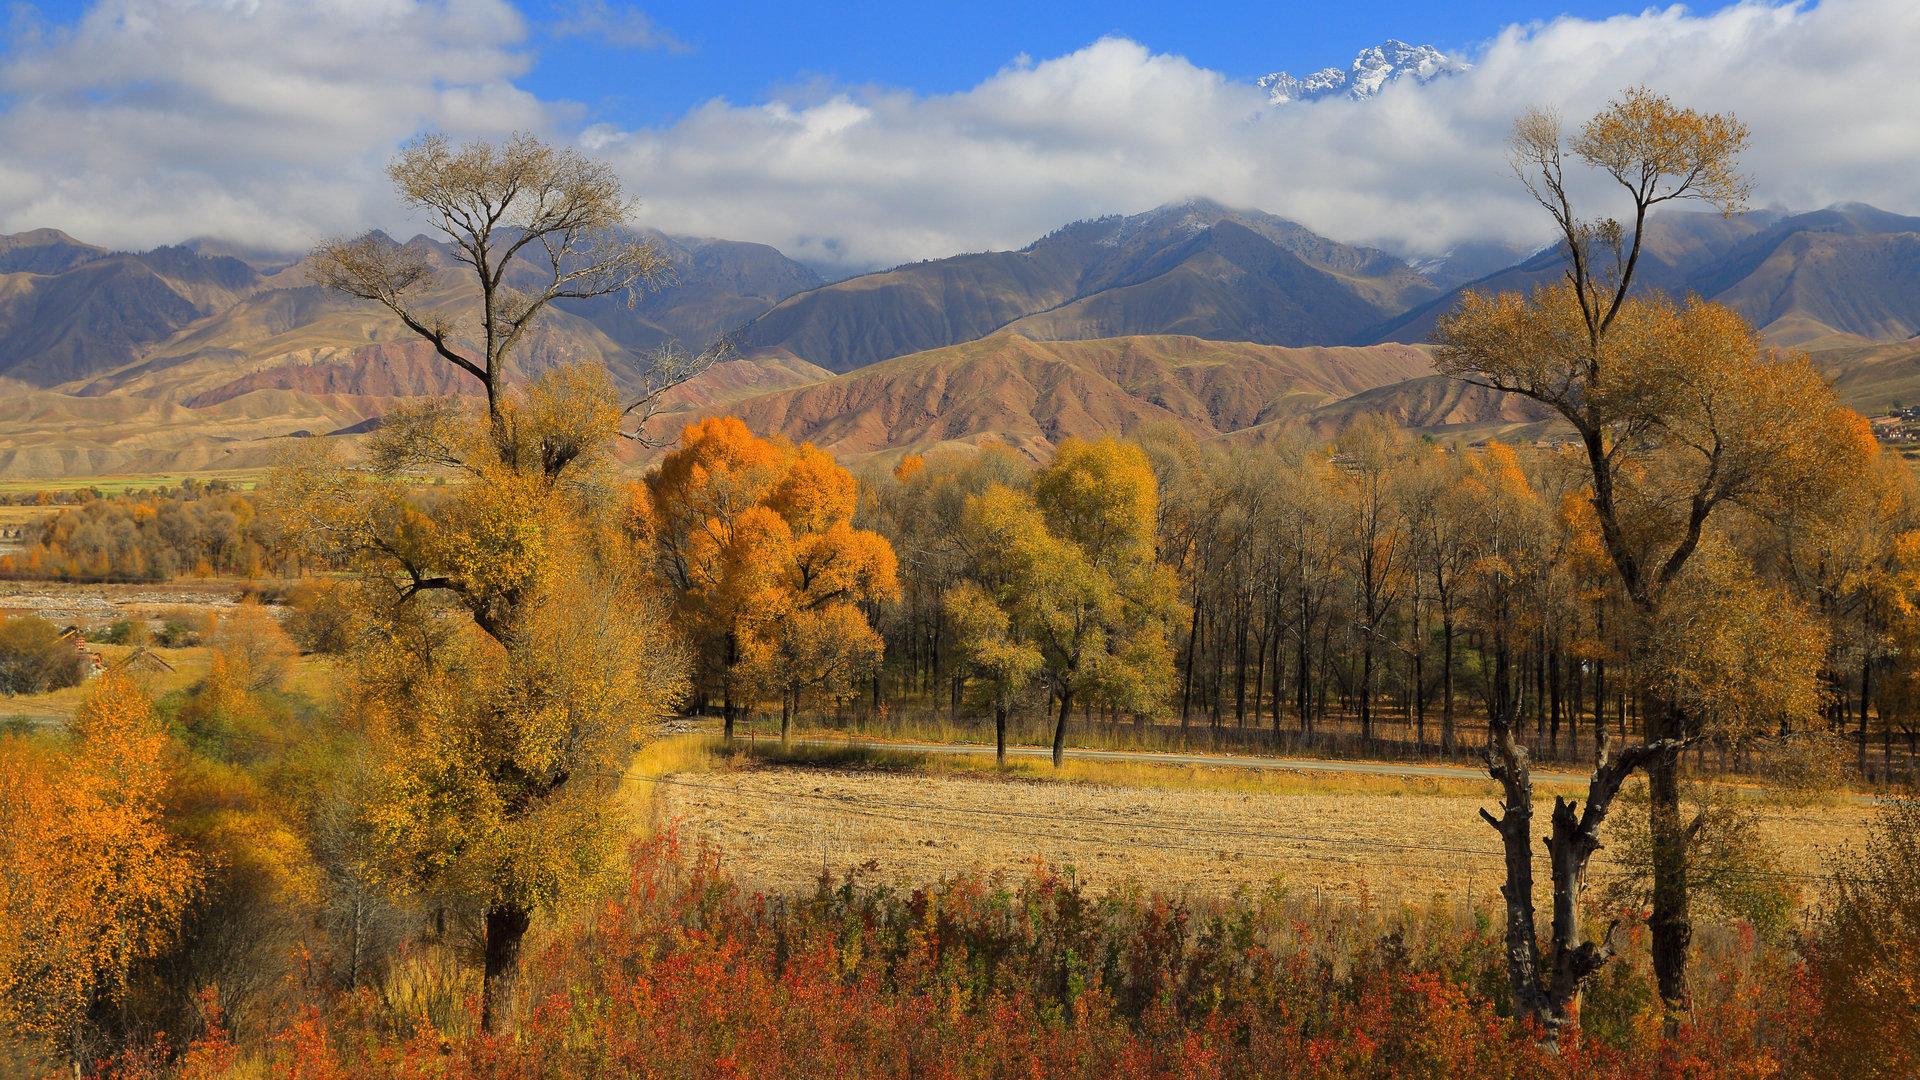 秋天的青海黑河大峡谷1080P高清图片素材